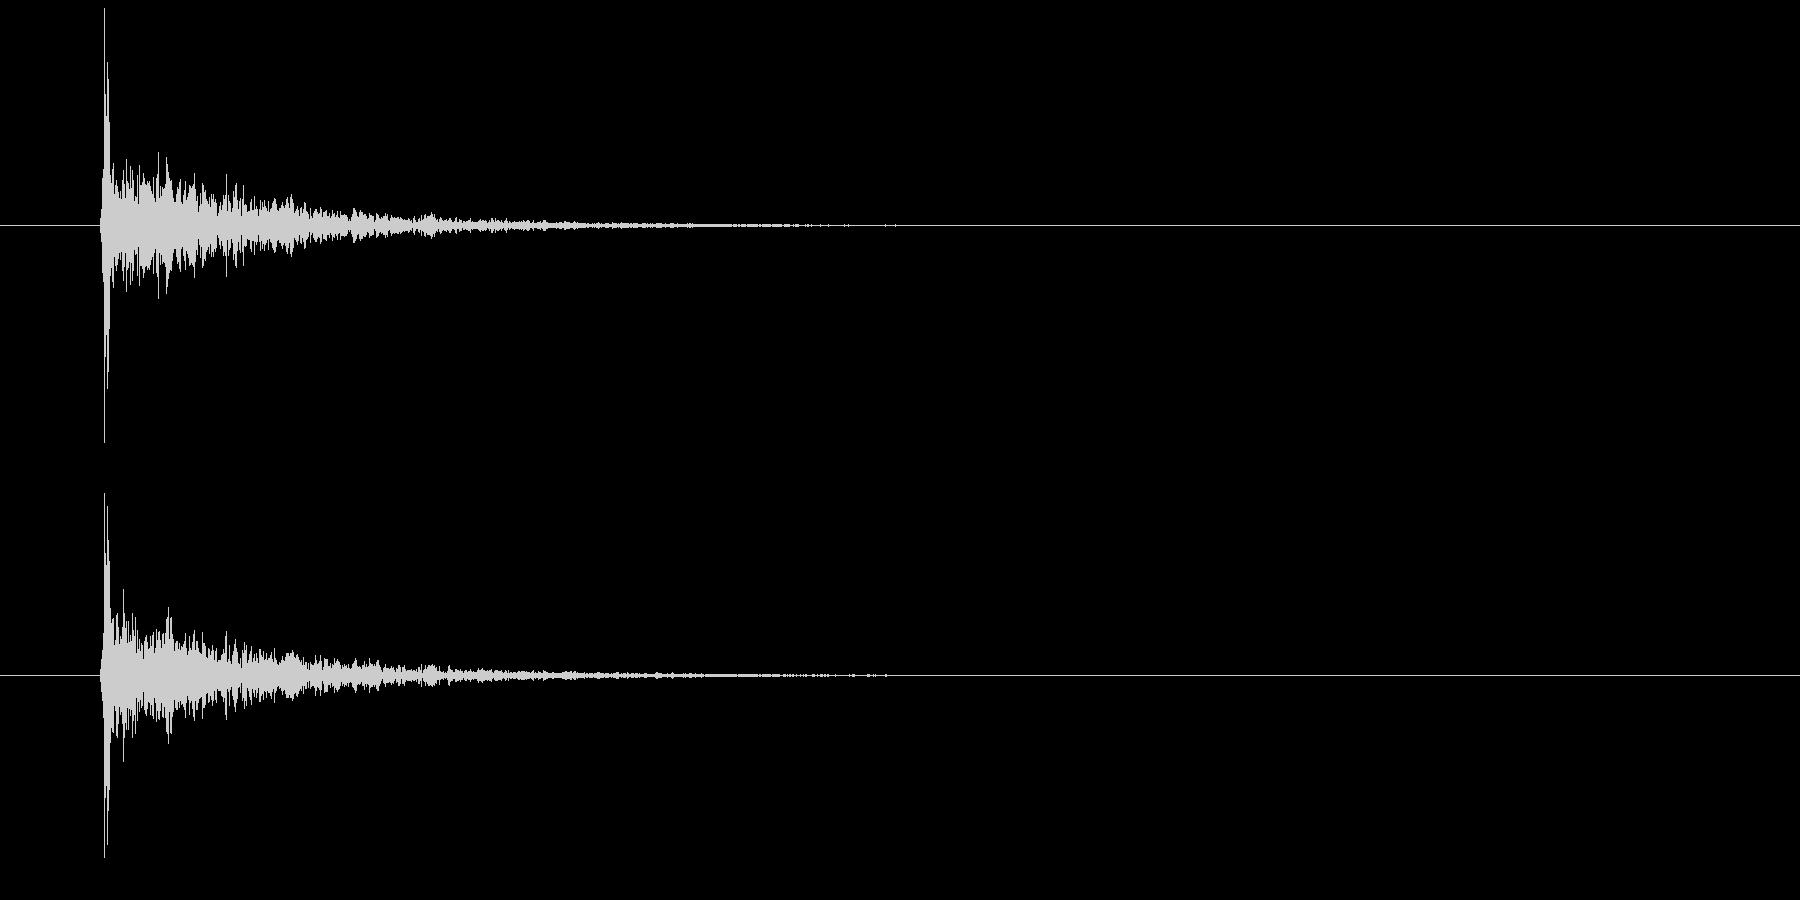 服 インパクトハードインドアショート04の未再生の波形